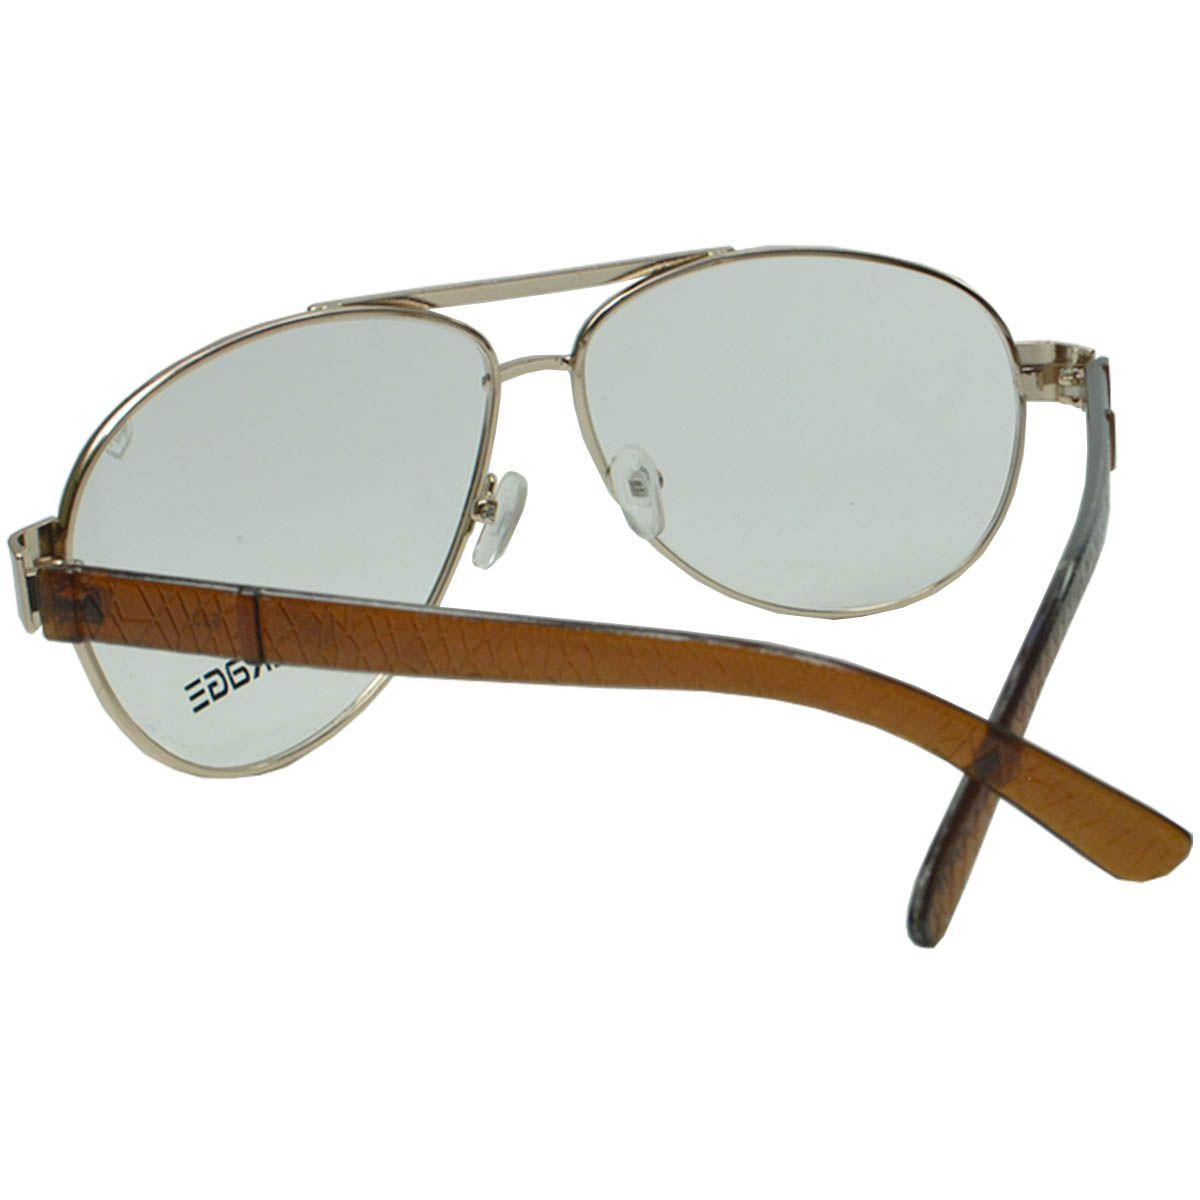 6df71684a76c7 Armação Para Óculos De Grau - Mackage MKA503 Dourado